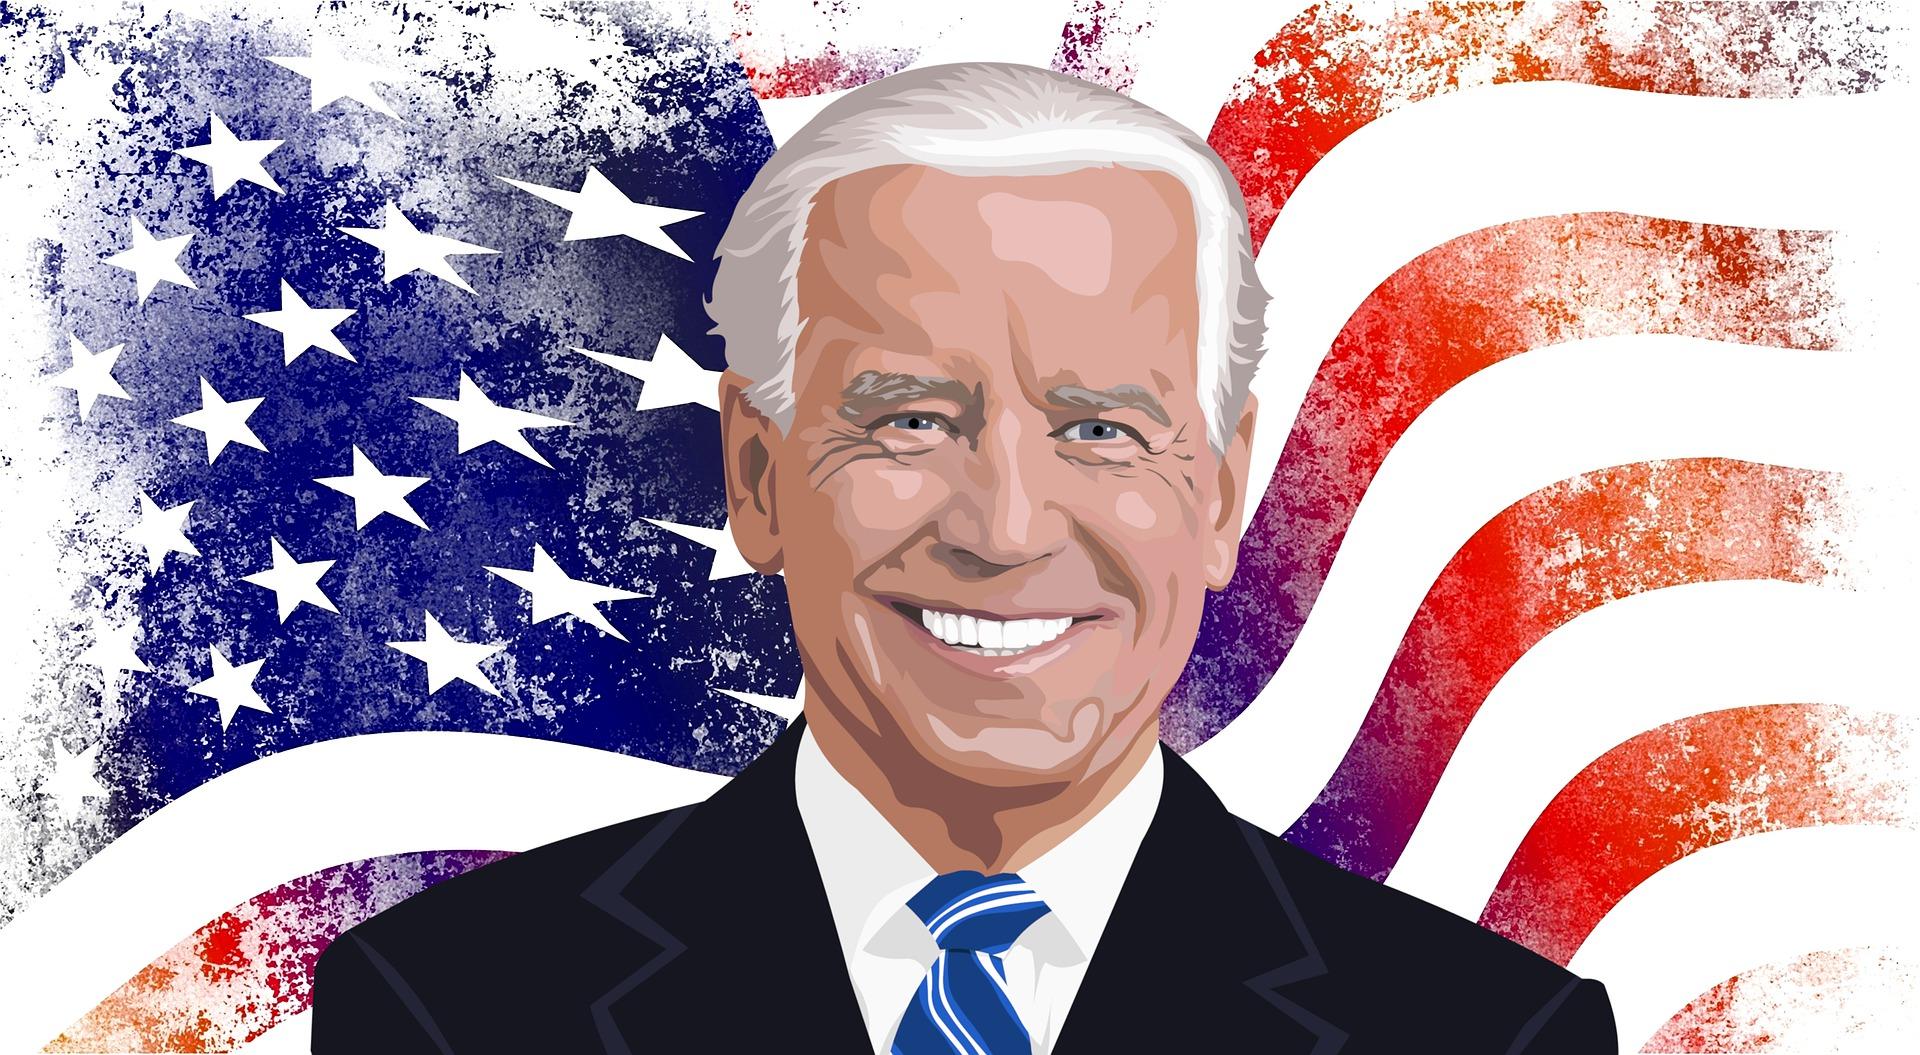 Joe Biden made a sincere speech about Americans.